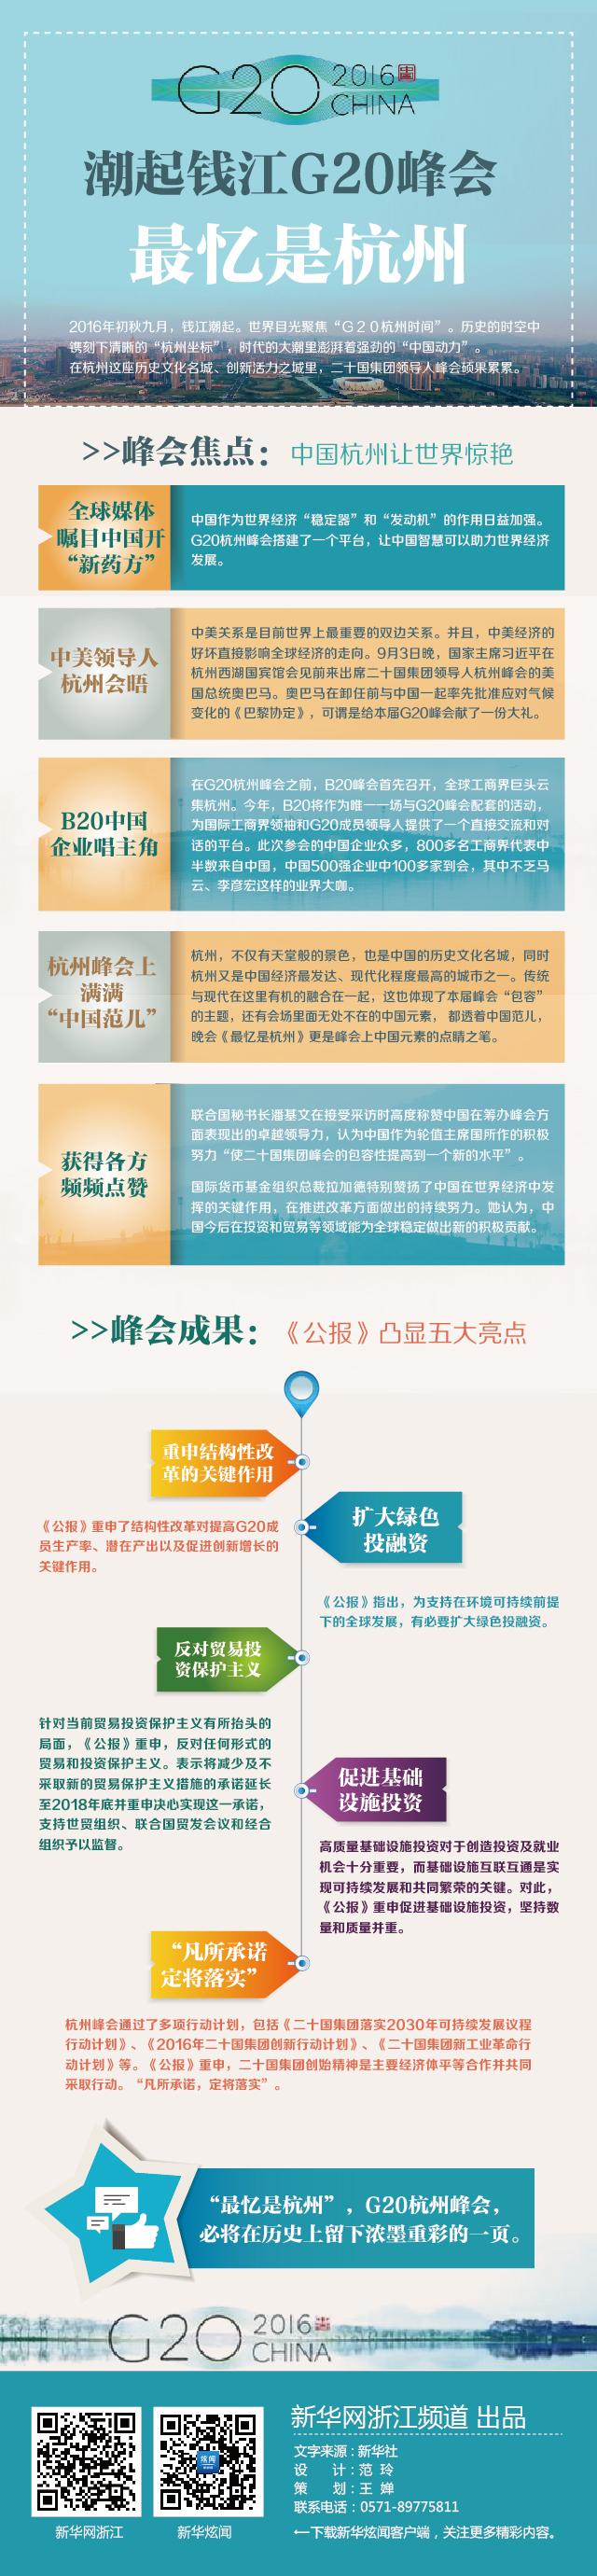 潮起钱江G20峰会:最忆是杭州